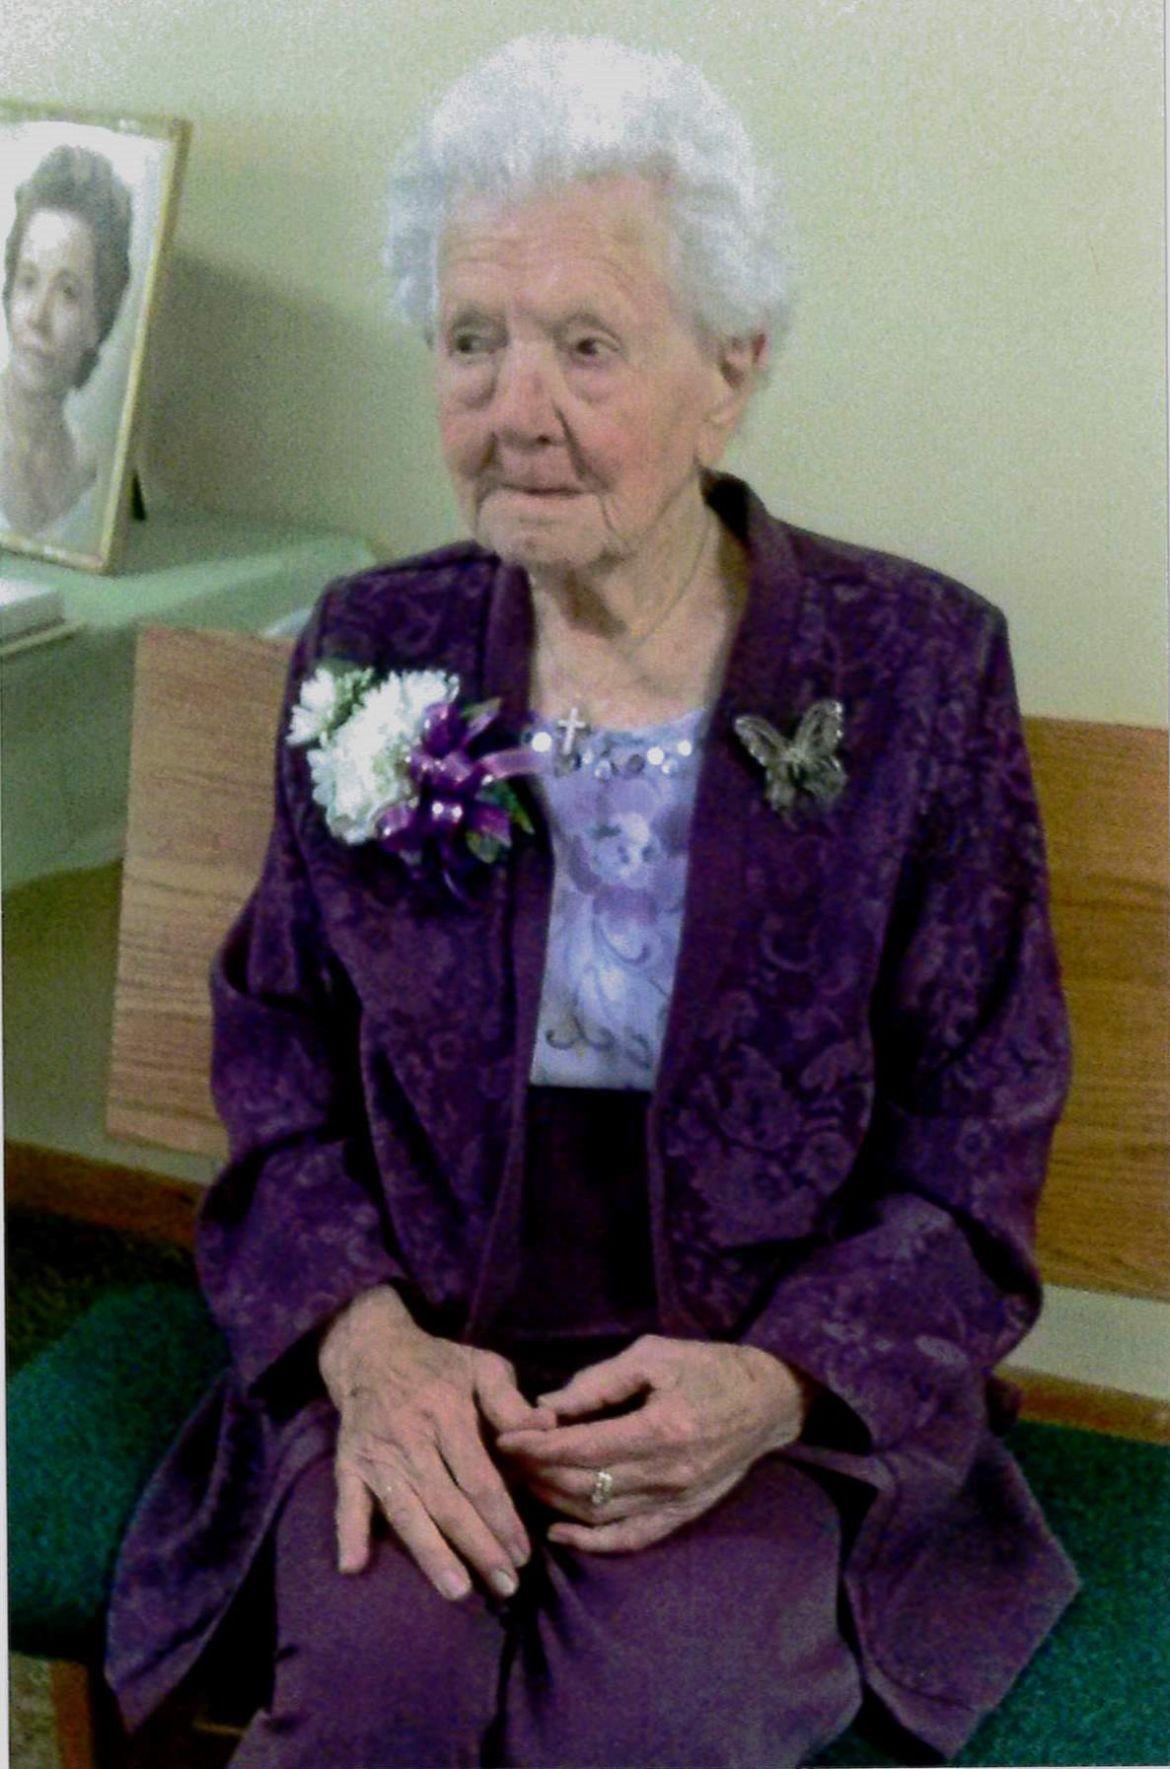 Marjorie Mae Rhoads